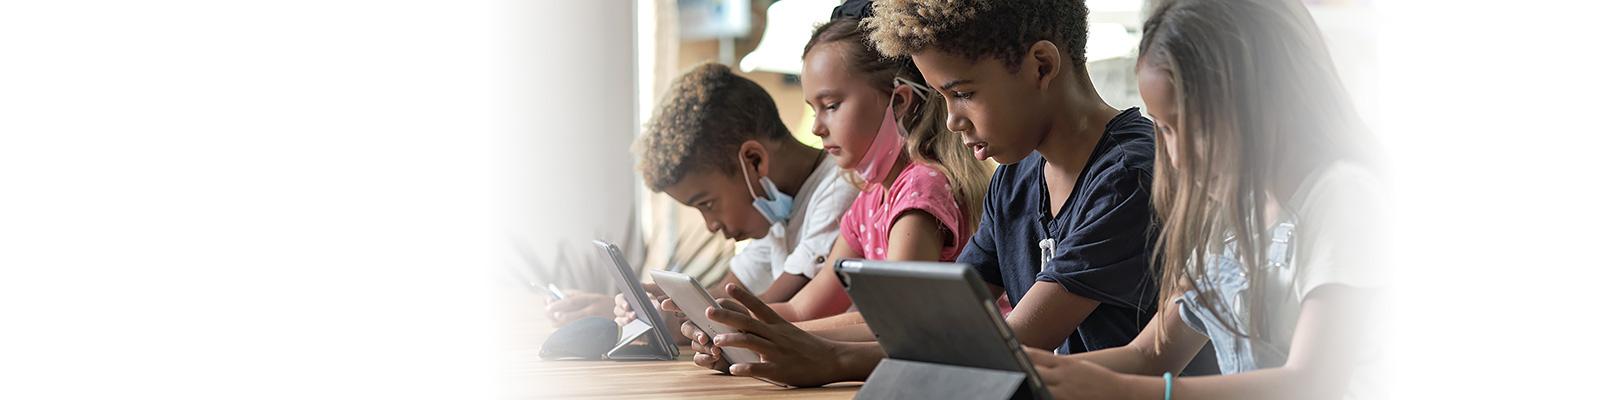 子ども スマートフォン 利用 イメージ